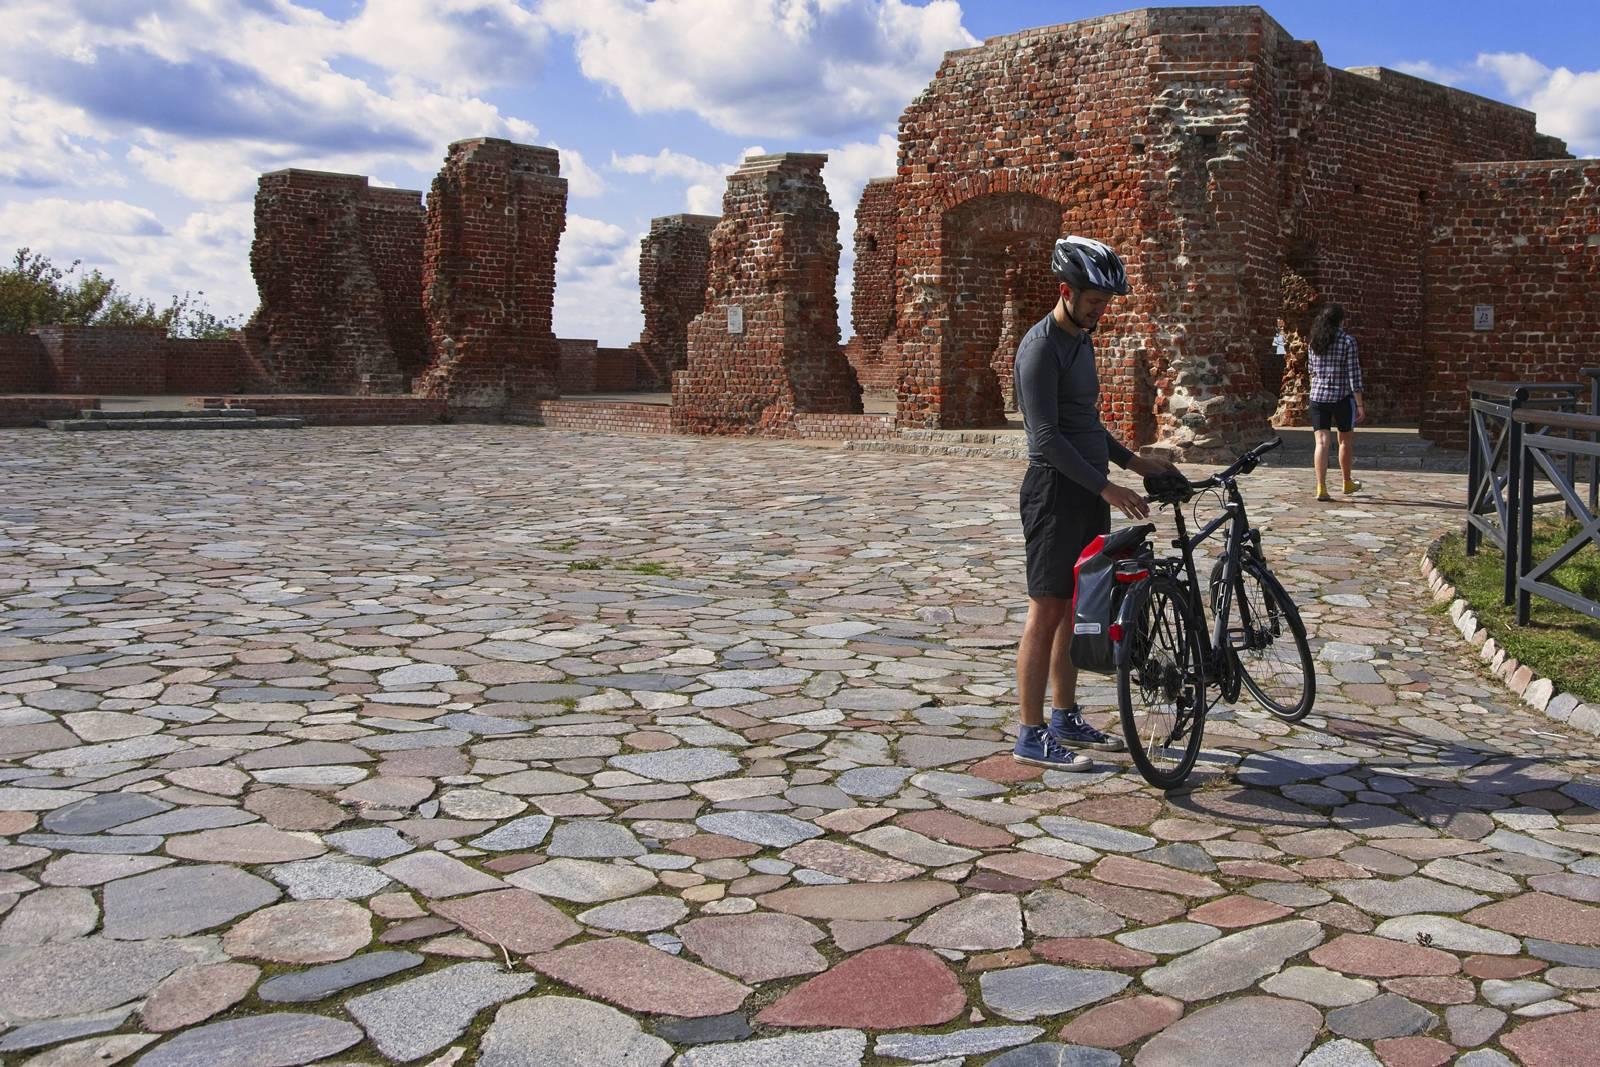 gdzie na rower w okolicach warszawy sochaczew zamek w sochaczewie nad bzura rowerem wokol warszawy